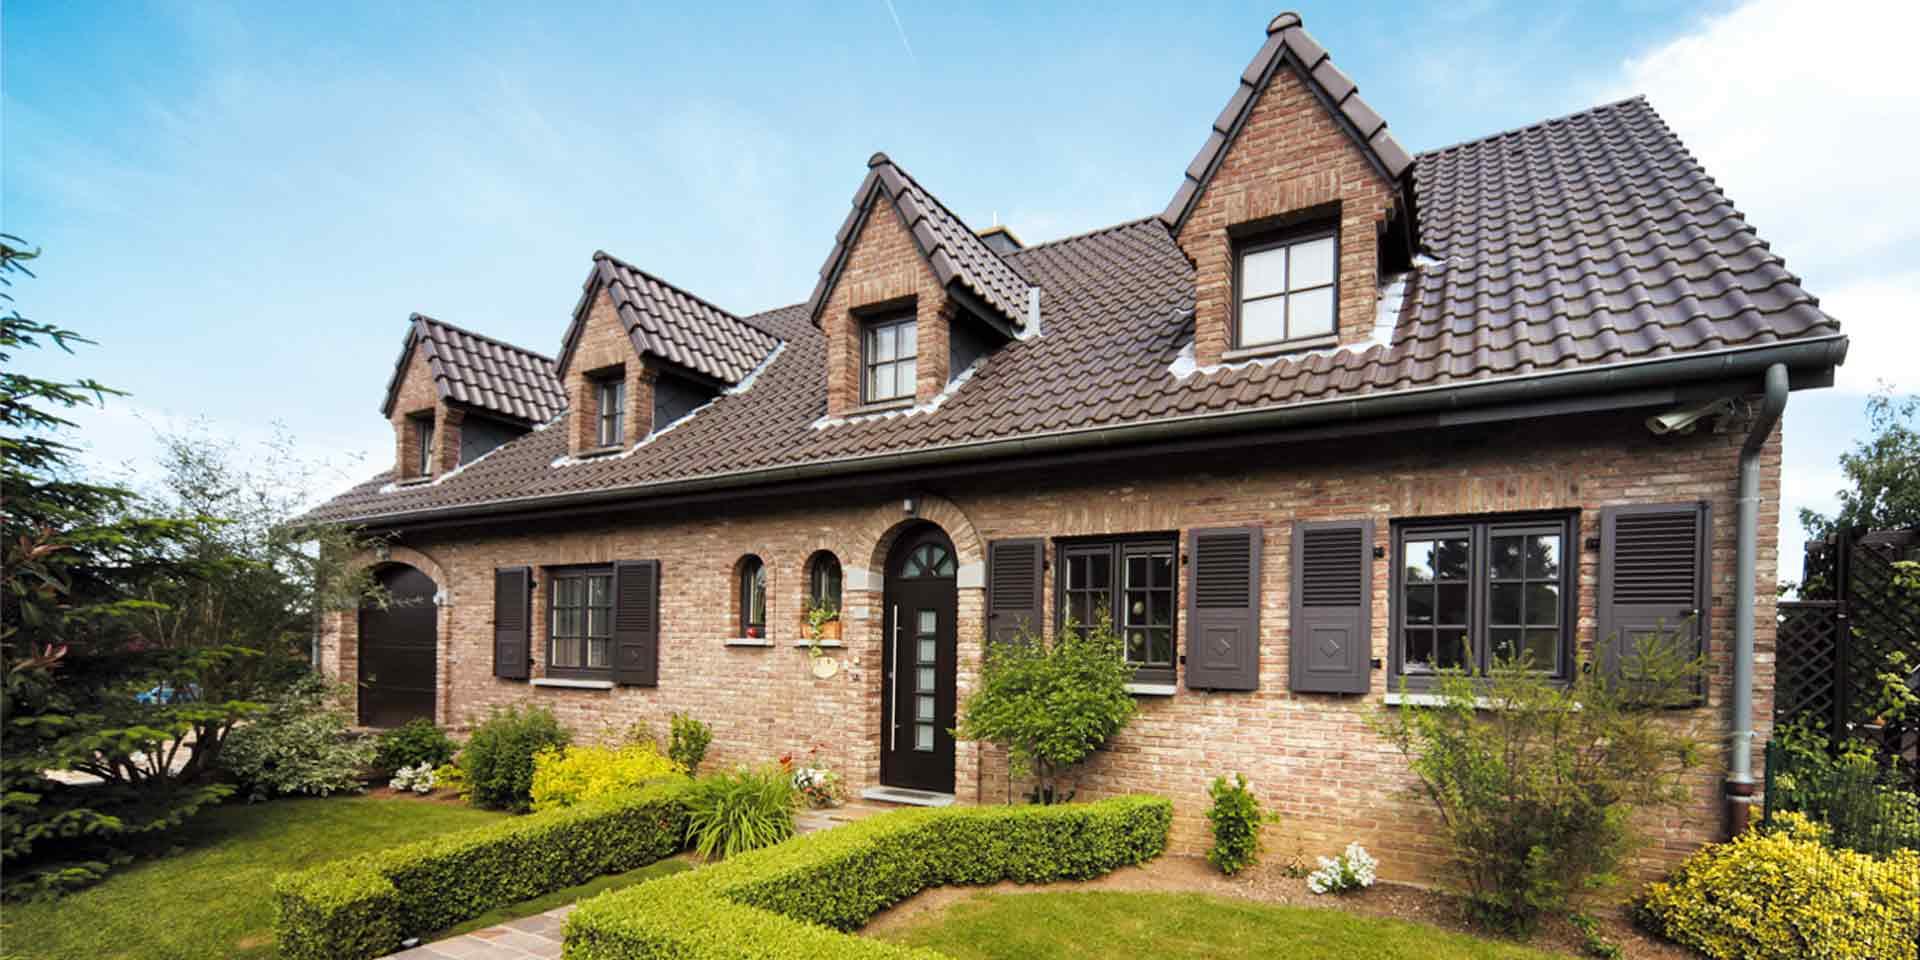 Einfamilienhaus mit Steinfassade mit brauner Coplaning Rundbogen Haustür und brauen Landhausstil klassischen einbruchsicheren Coplaning Gaubenfenster.